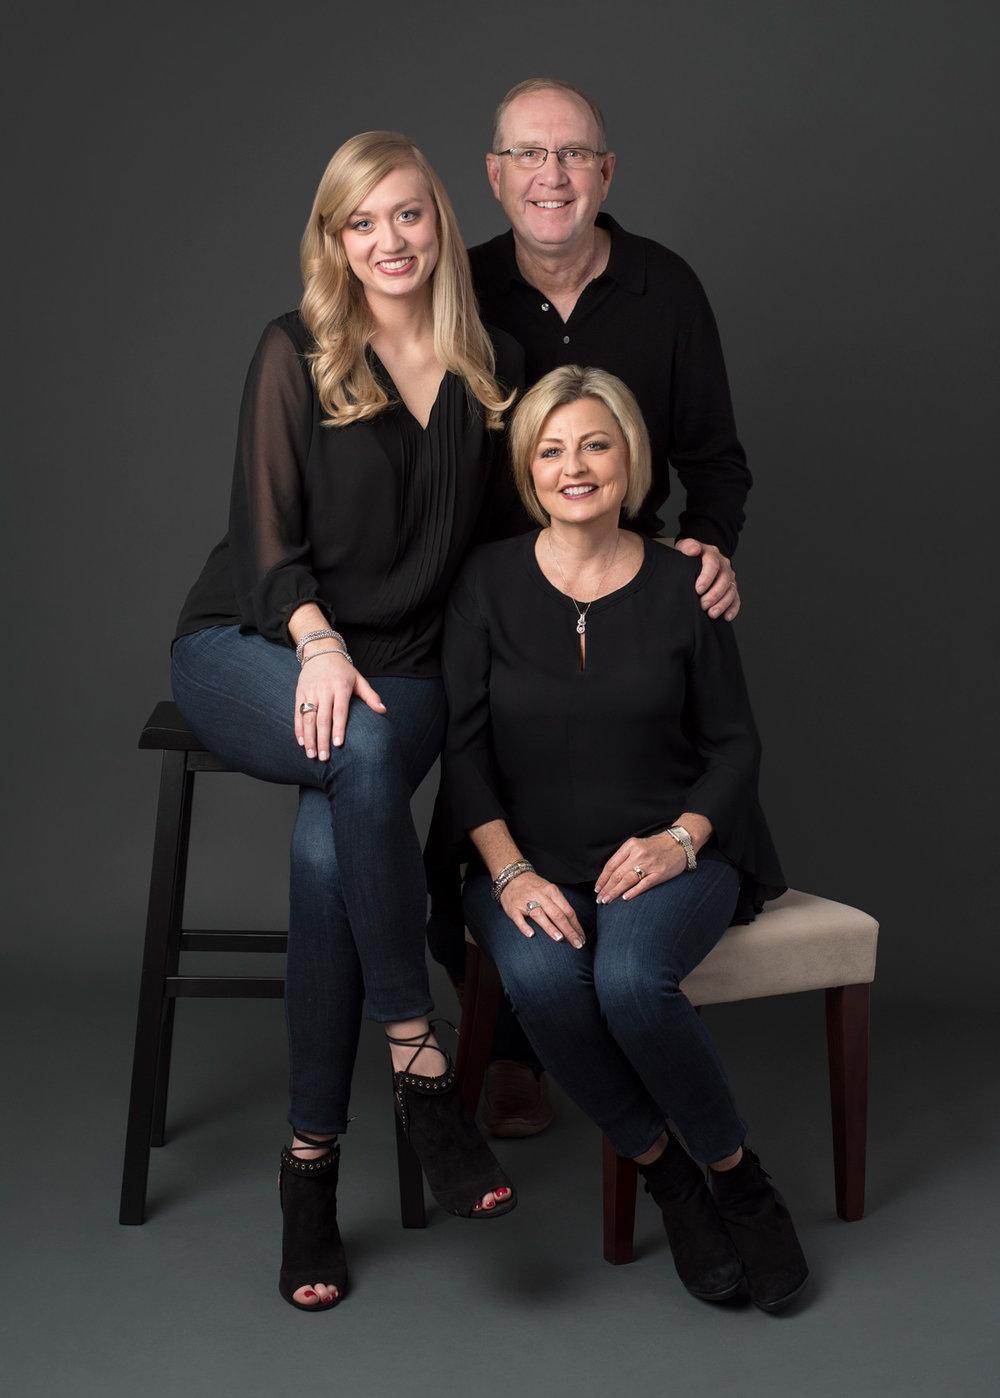 Family studio portrait